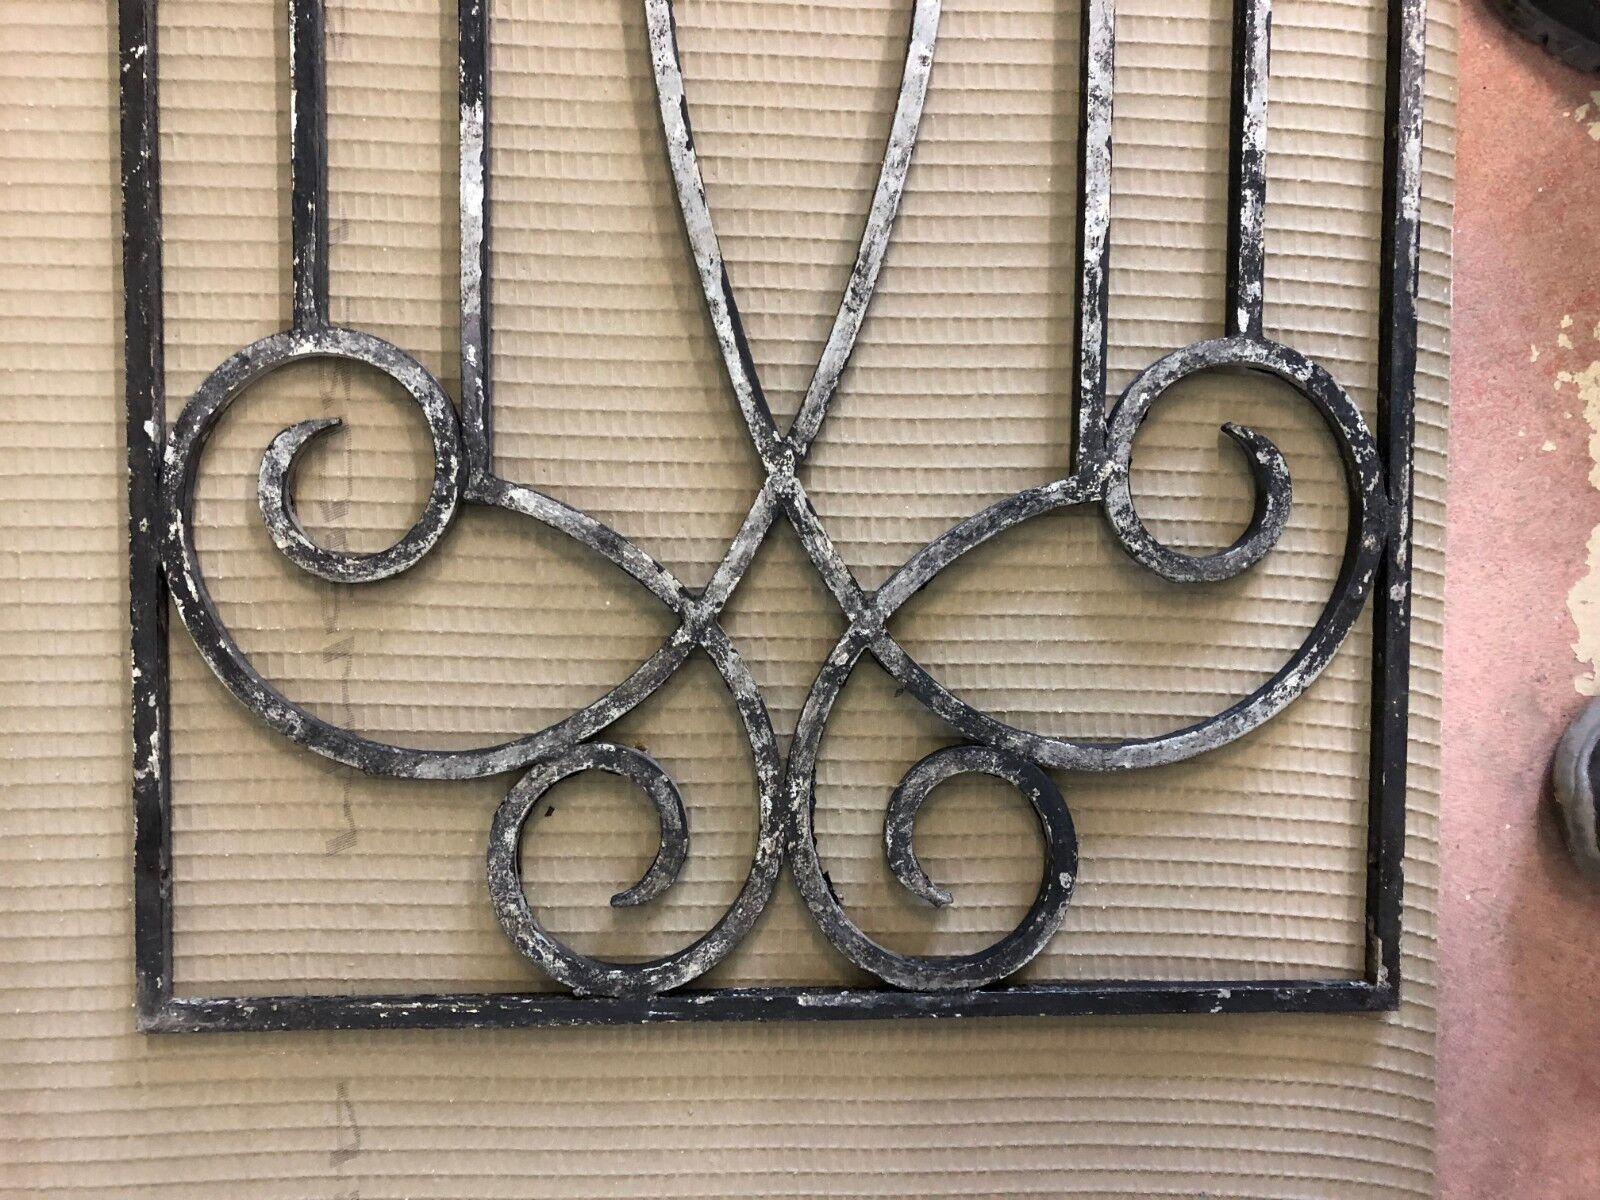 Altes Tür Fenster Gitter Eisen 1473x505x10mm